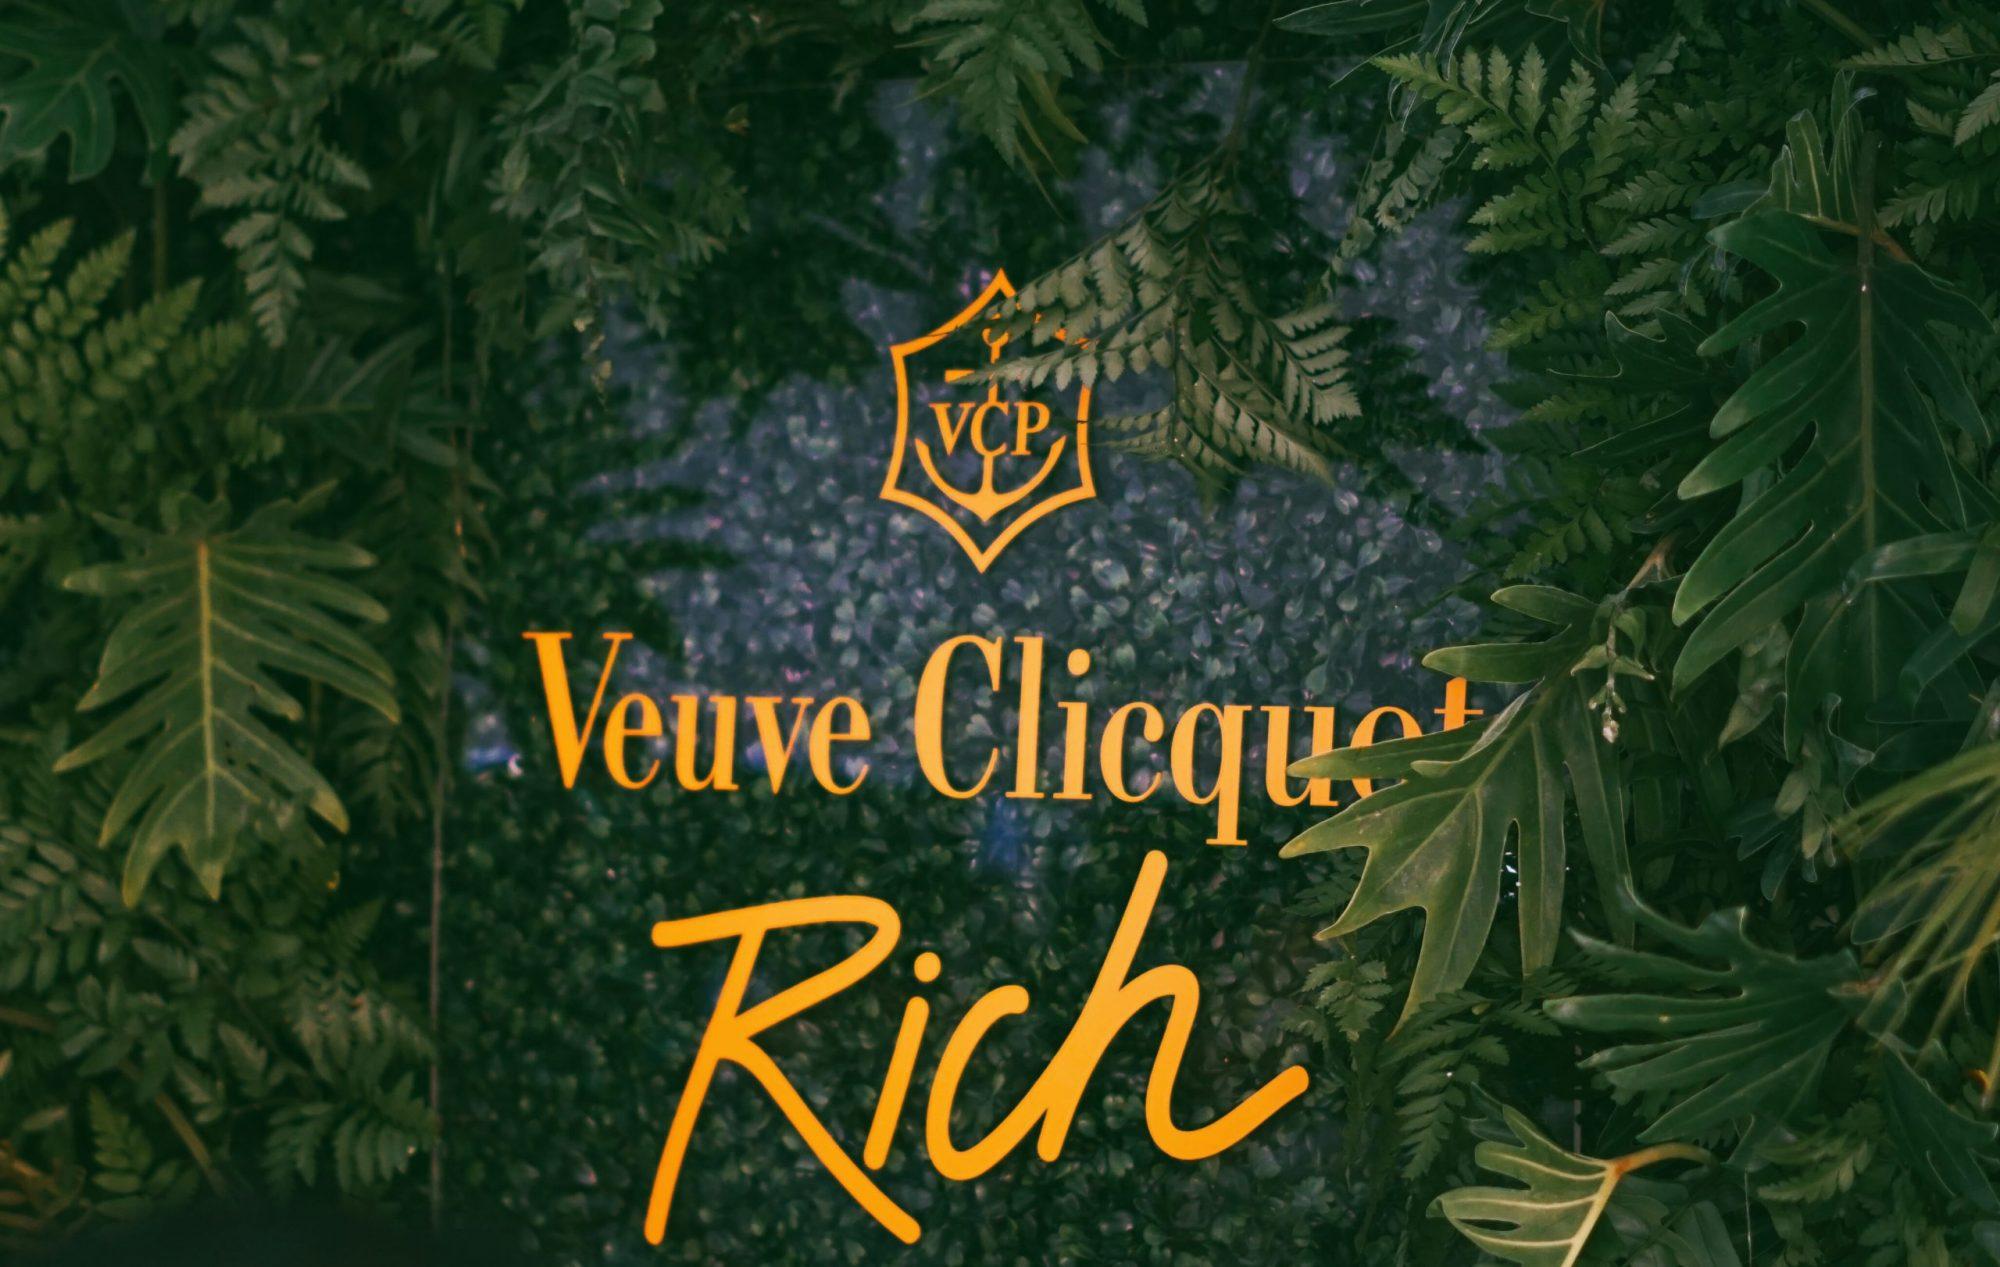 Veuve Clicquot Miami Carnaval VIP 2017